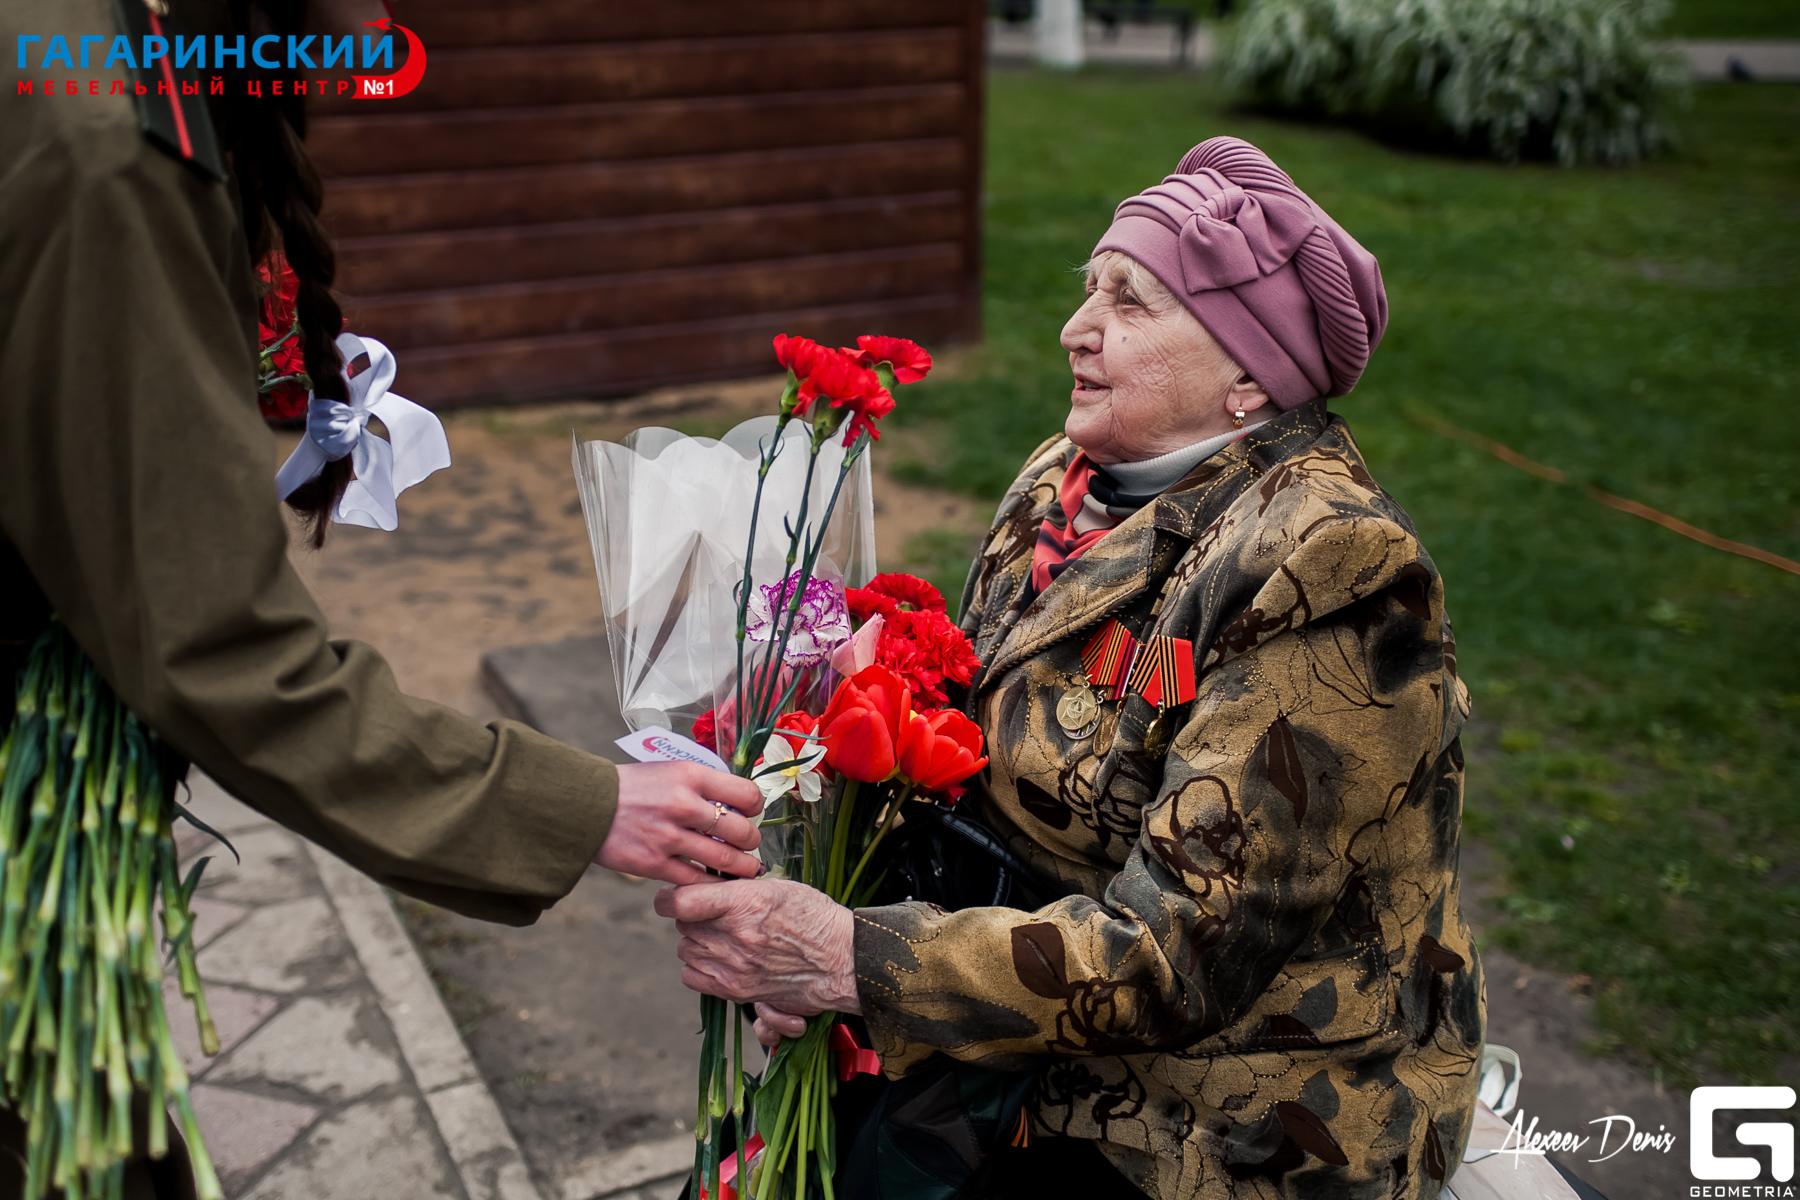 Празднуем 72-ю годовщину Победы - МЦ Гагаринский